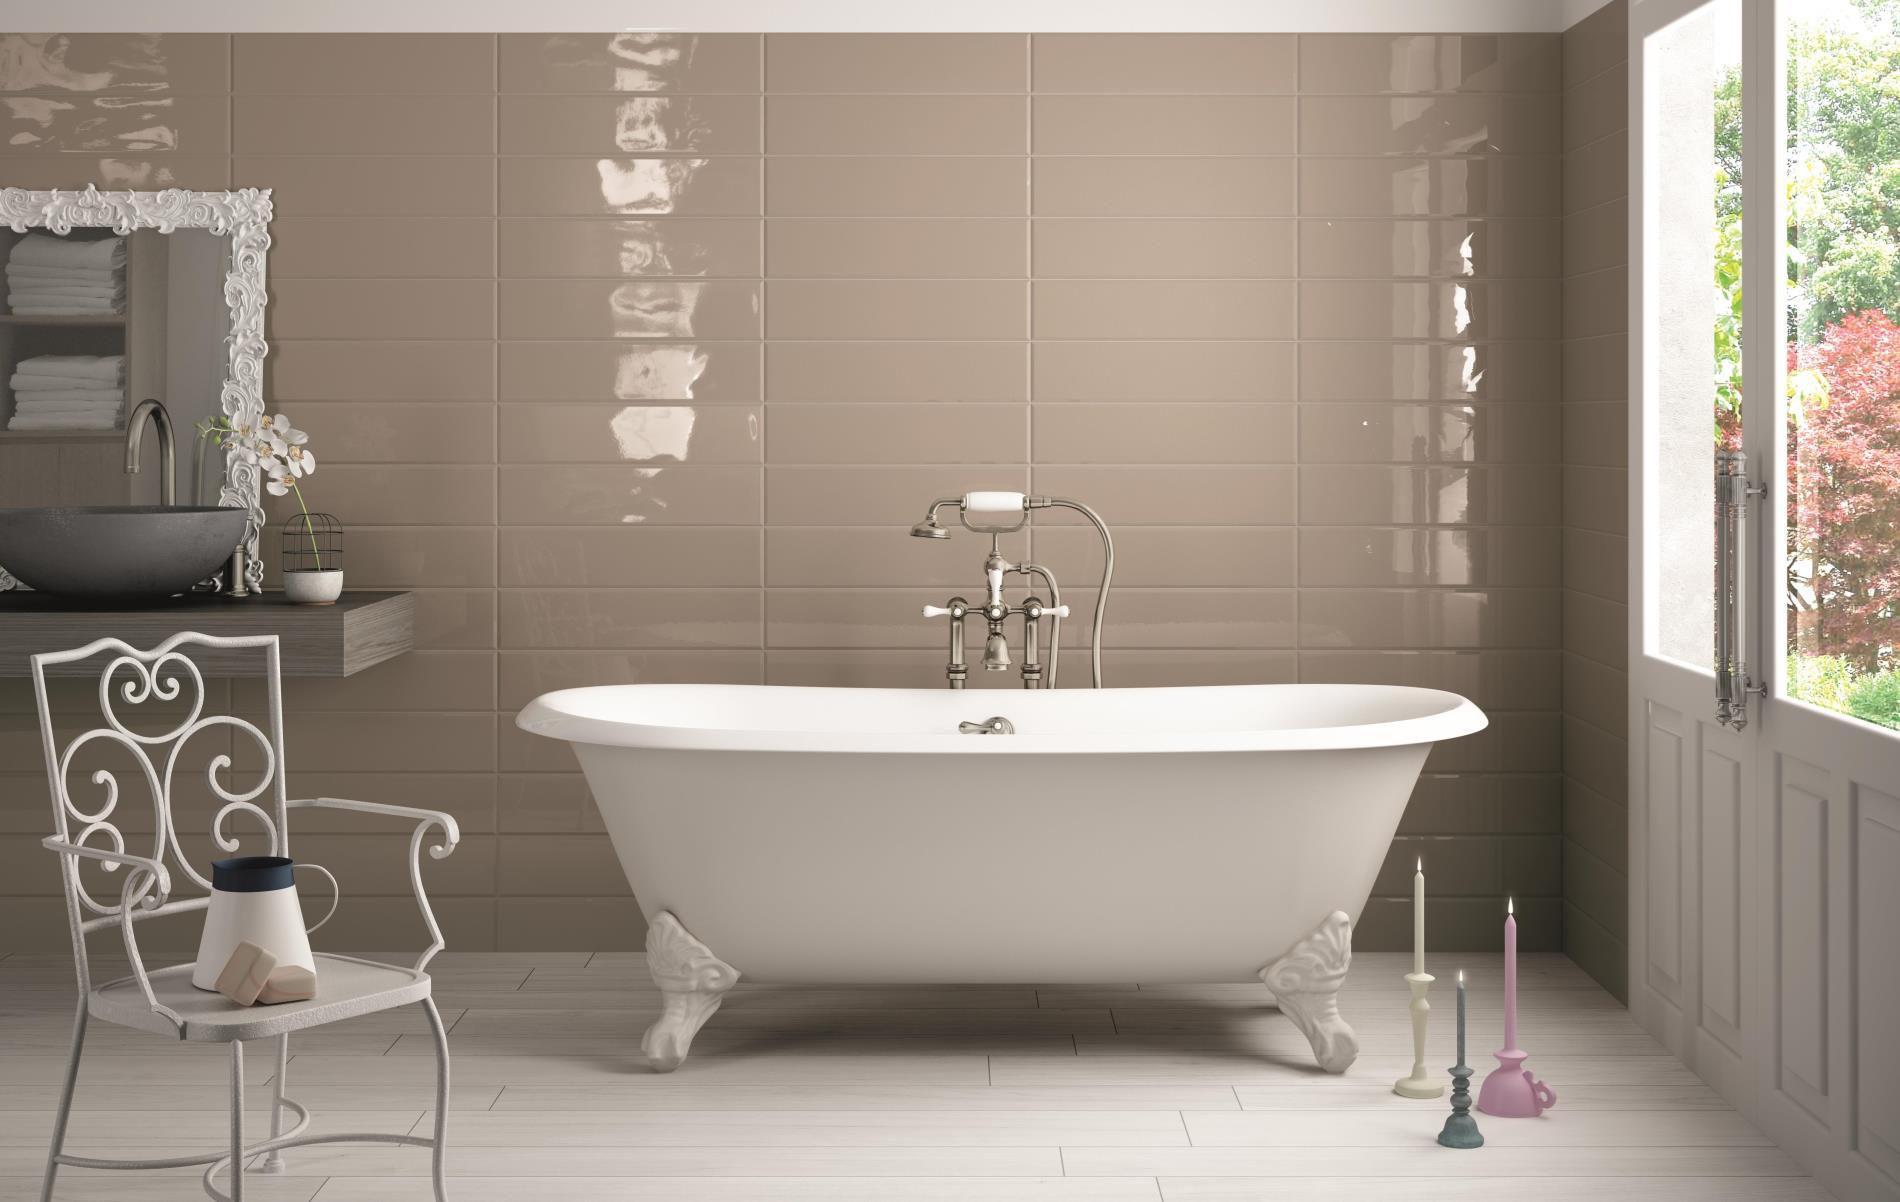 Vasca Da Bagno Dipingere : Pitturare piastrelle del bagno interesting grigio bagno idee